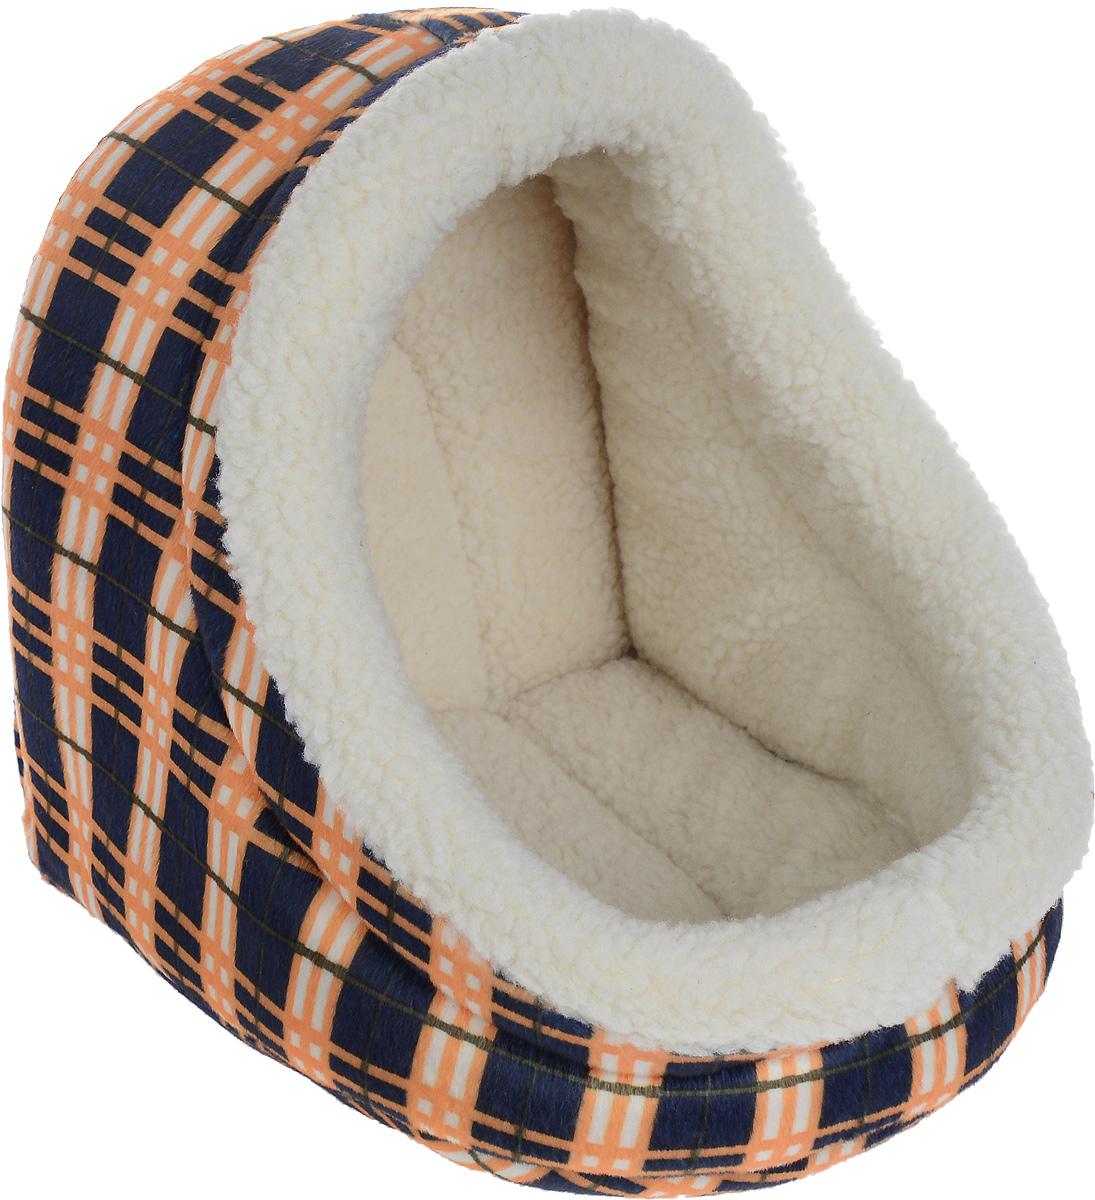 Домик для животных Каскад Клетка. №1, 30 х 29 х 27 см91002862Домик для животных Каскад Клетка. №1, выполненный из высококачественного текстиля, обязательно понравится вашему питомцу. Домик предназначен для собак мелких пород и кошек. Он очень удобный и уютный. Ваш любимец обязательно захочет забраться в этот домик, как только его увидит. Компактные размеры позволят поместить домик где угодно, а приятная цветовая гамма сделает его оригинальным дополнением любого интерьера.